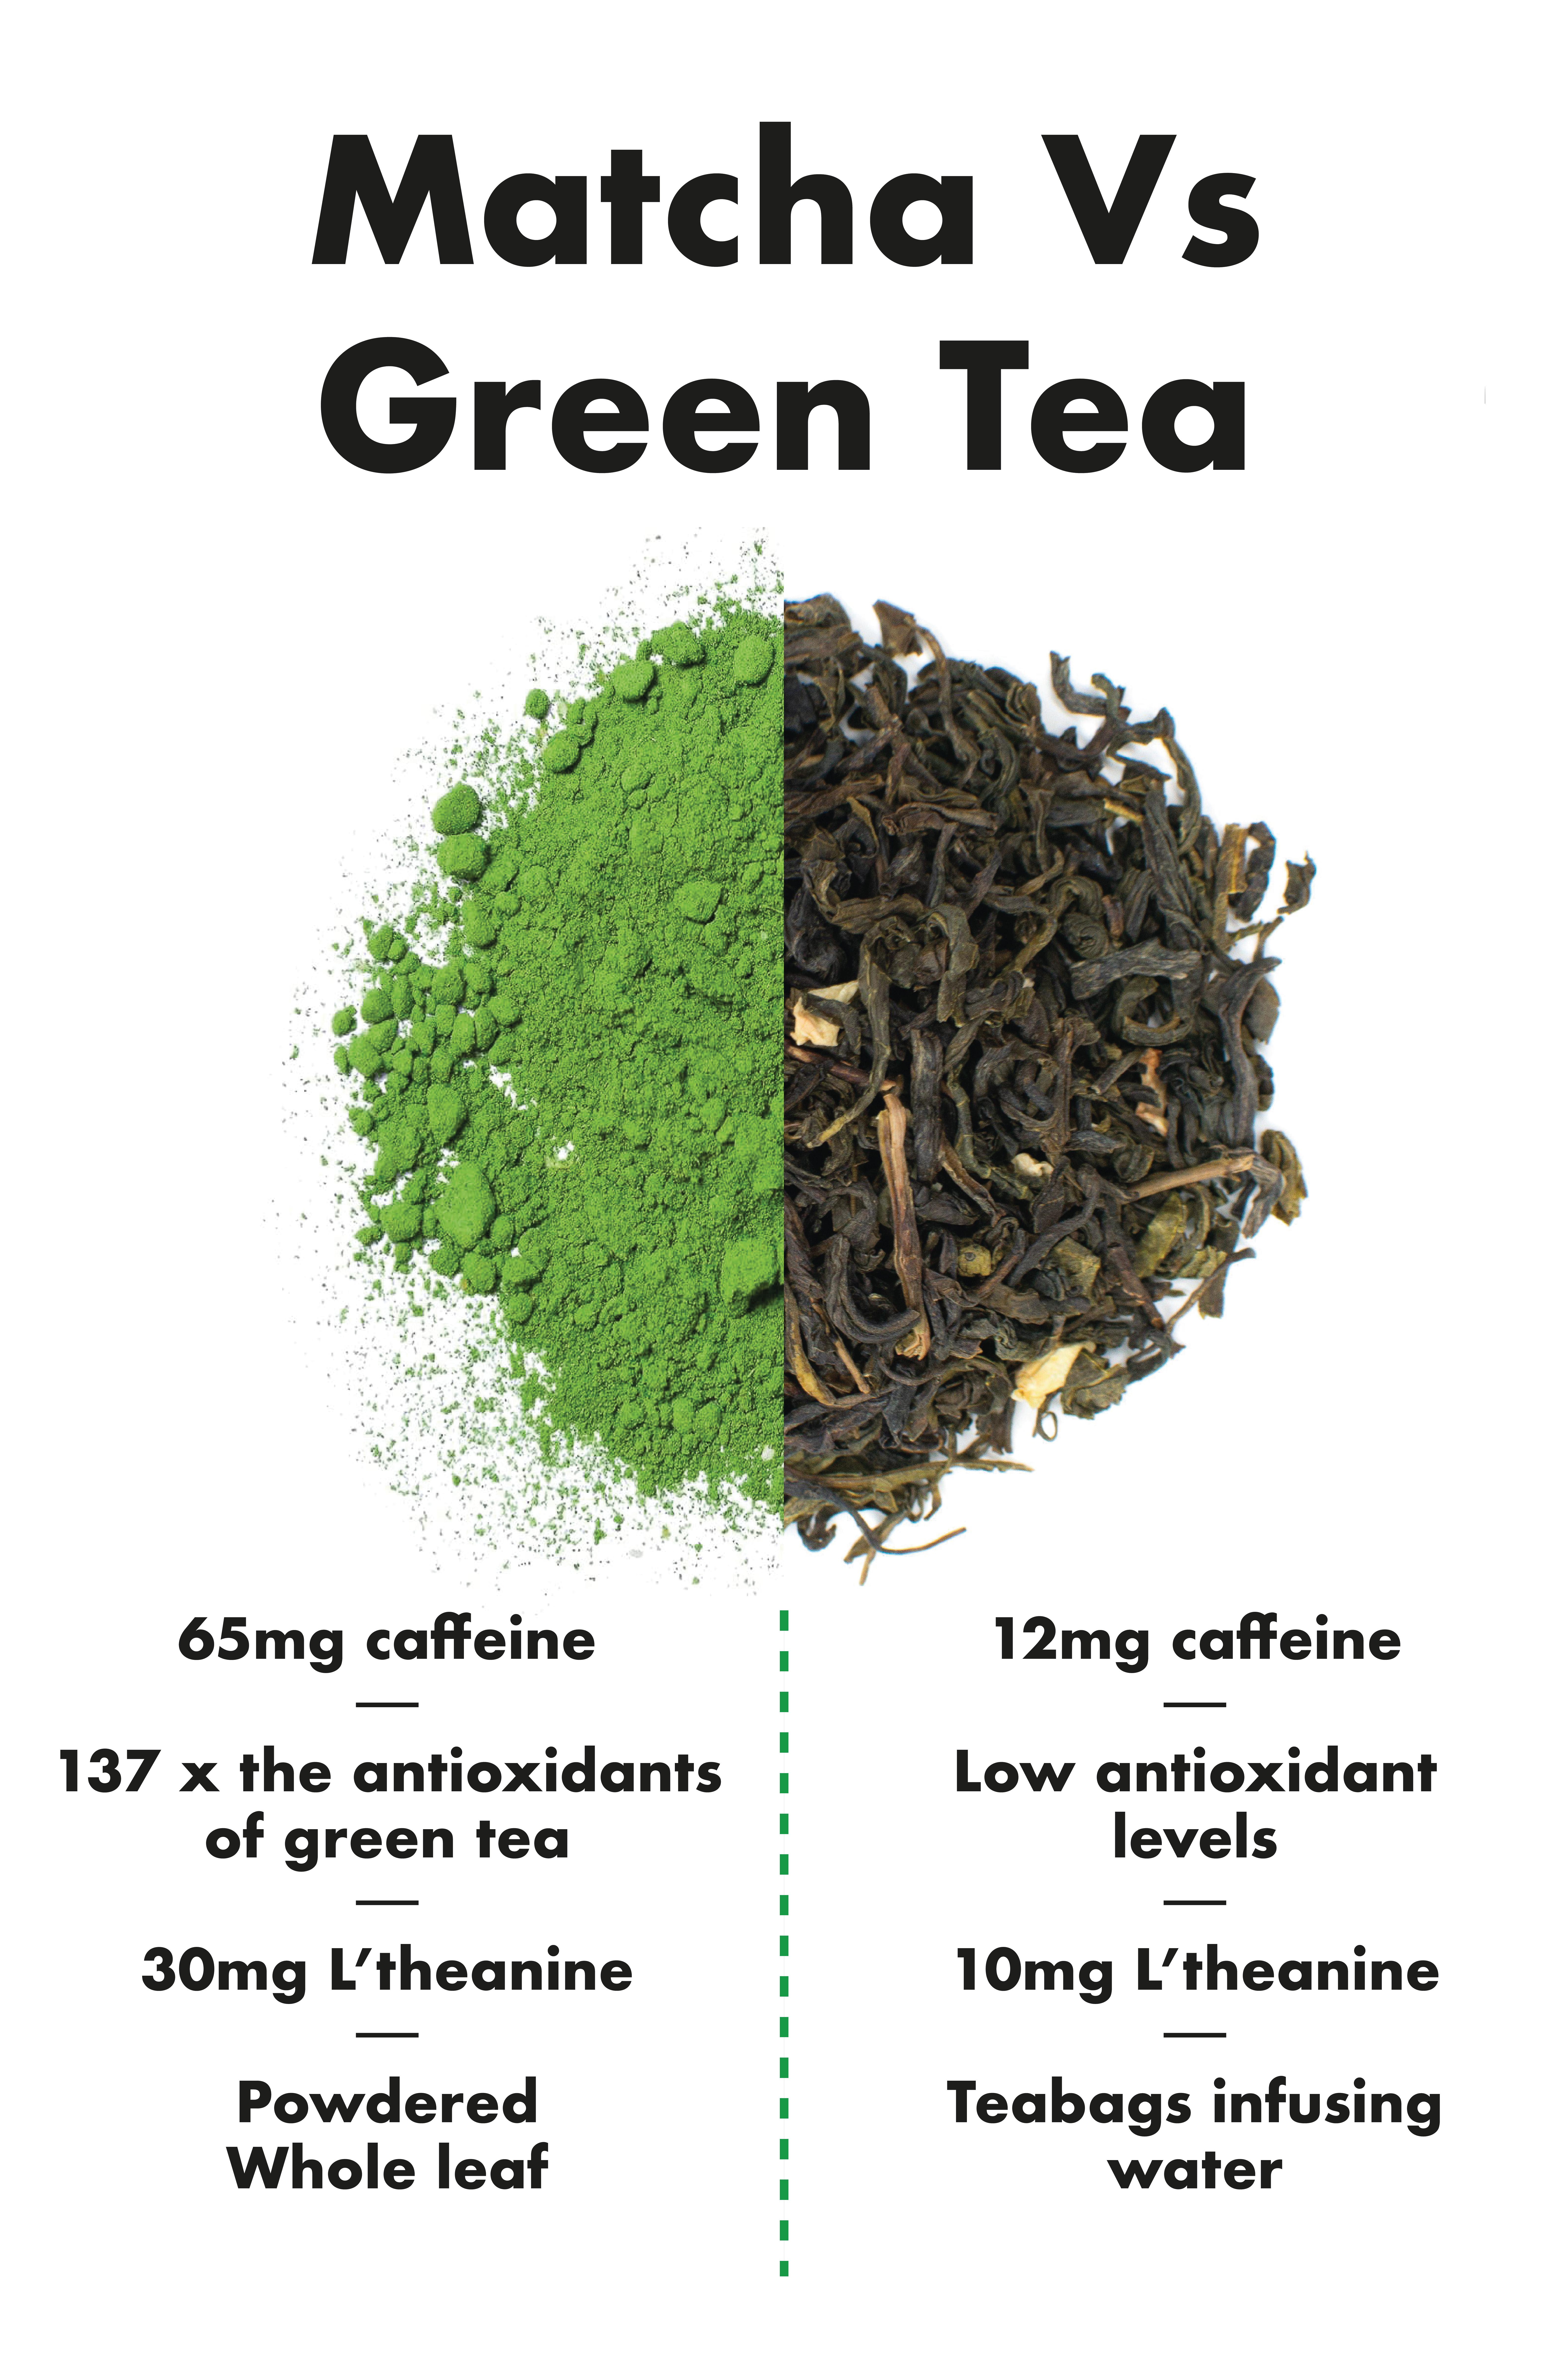 matcha works | matcha vs green tea, tea benefits, matcha